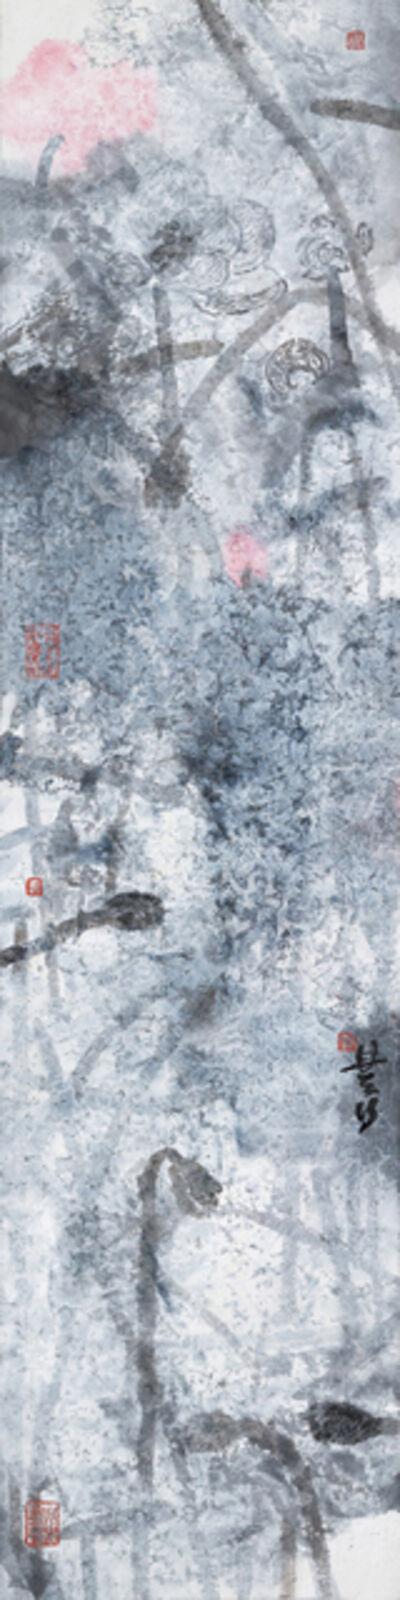 Lam Tian Xing, 'Full Bloomed No. 12 ', 2010